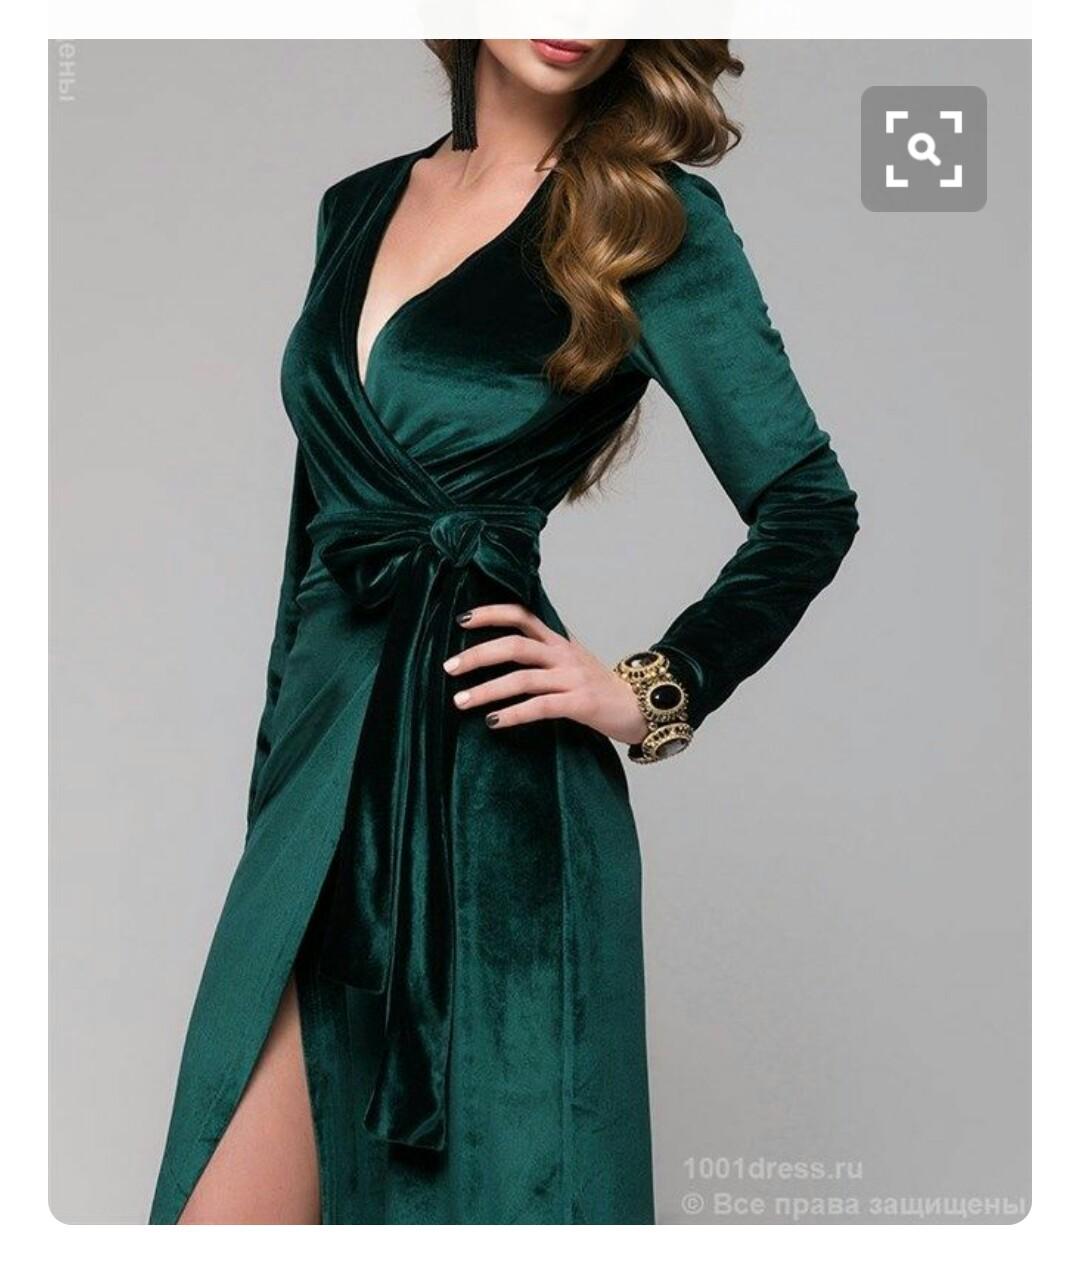 Выкройка платье из тафты фото фото 532